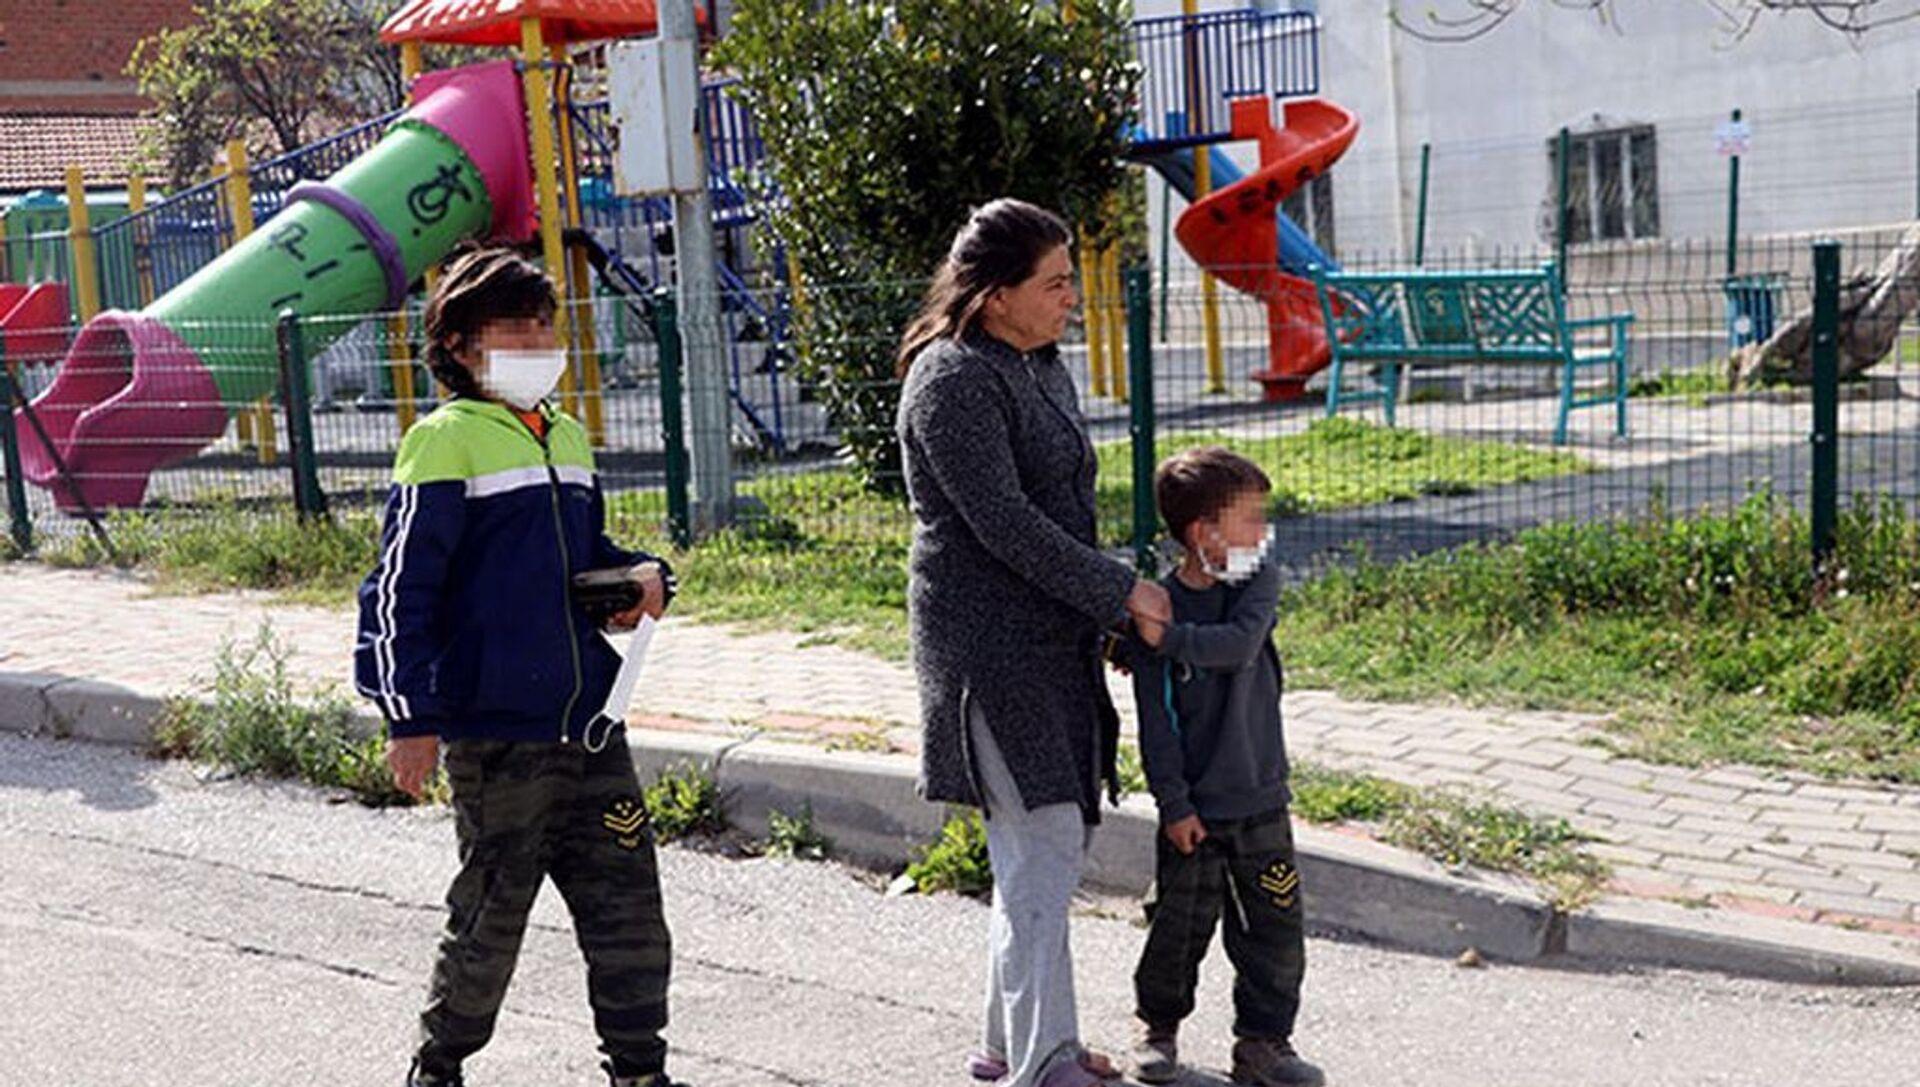 Çocukların gürültü yaptığı iddiasıyla parkta rastgele ateş açtı: 1 yaralı - Sputnik Türkiye, 1920, 11.04.2021